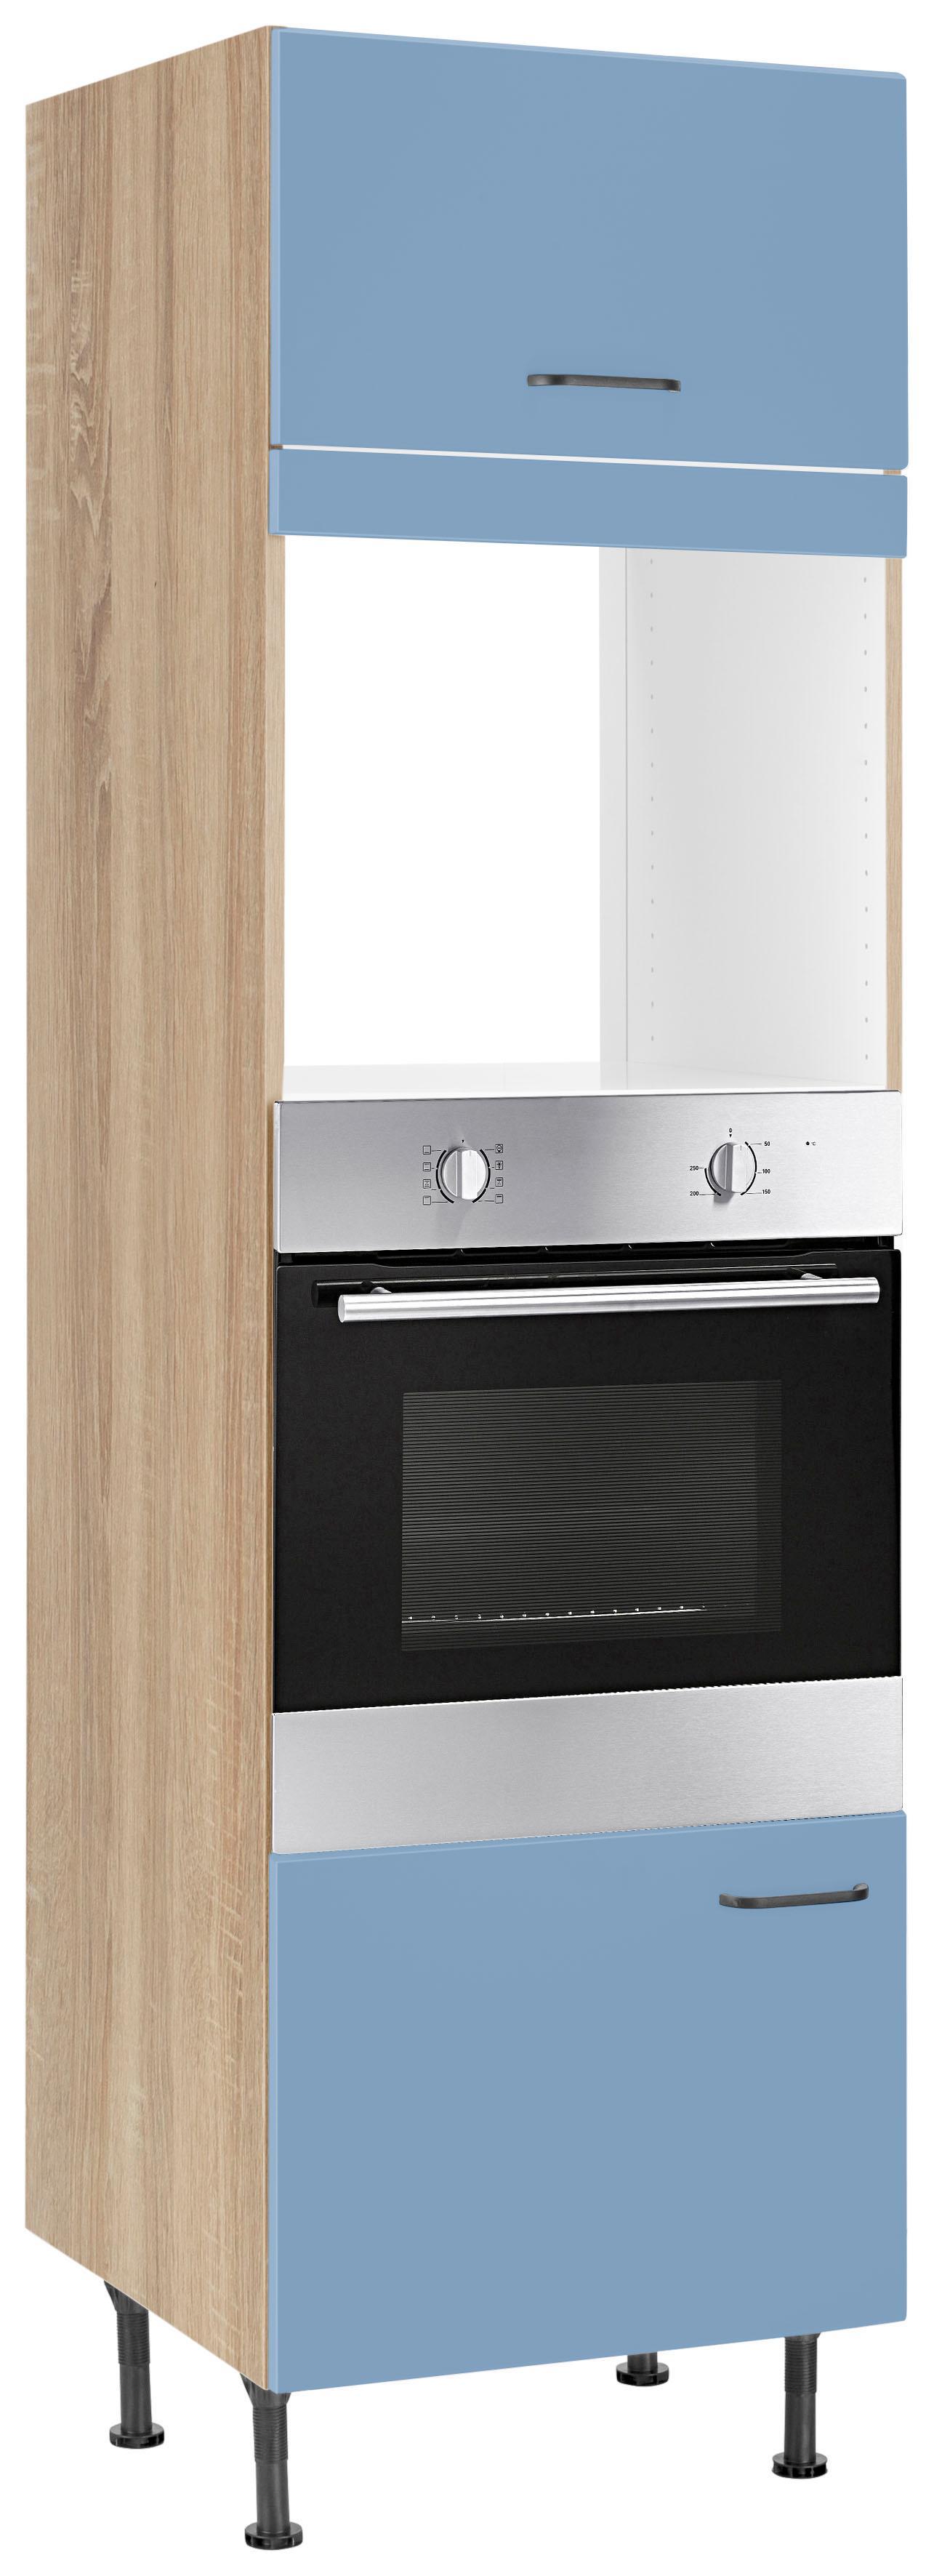 OPTIFIT Backofenumbauschrank Elga geeignet für Einbaumikrowellengerät | Küche und Esszimmer > Küchenschränke > Umbauschränke | Blau | Nachbildung - Eiche - Melamin | Optifit